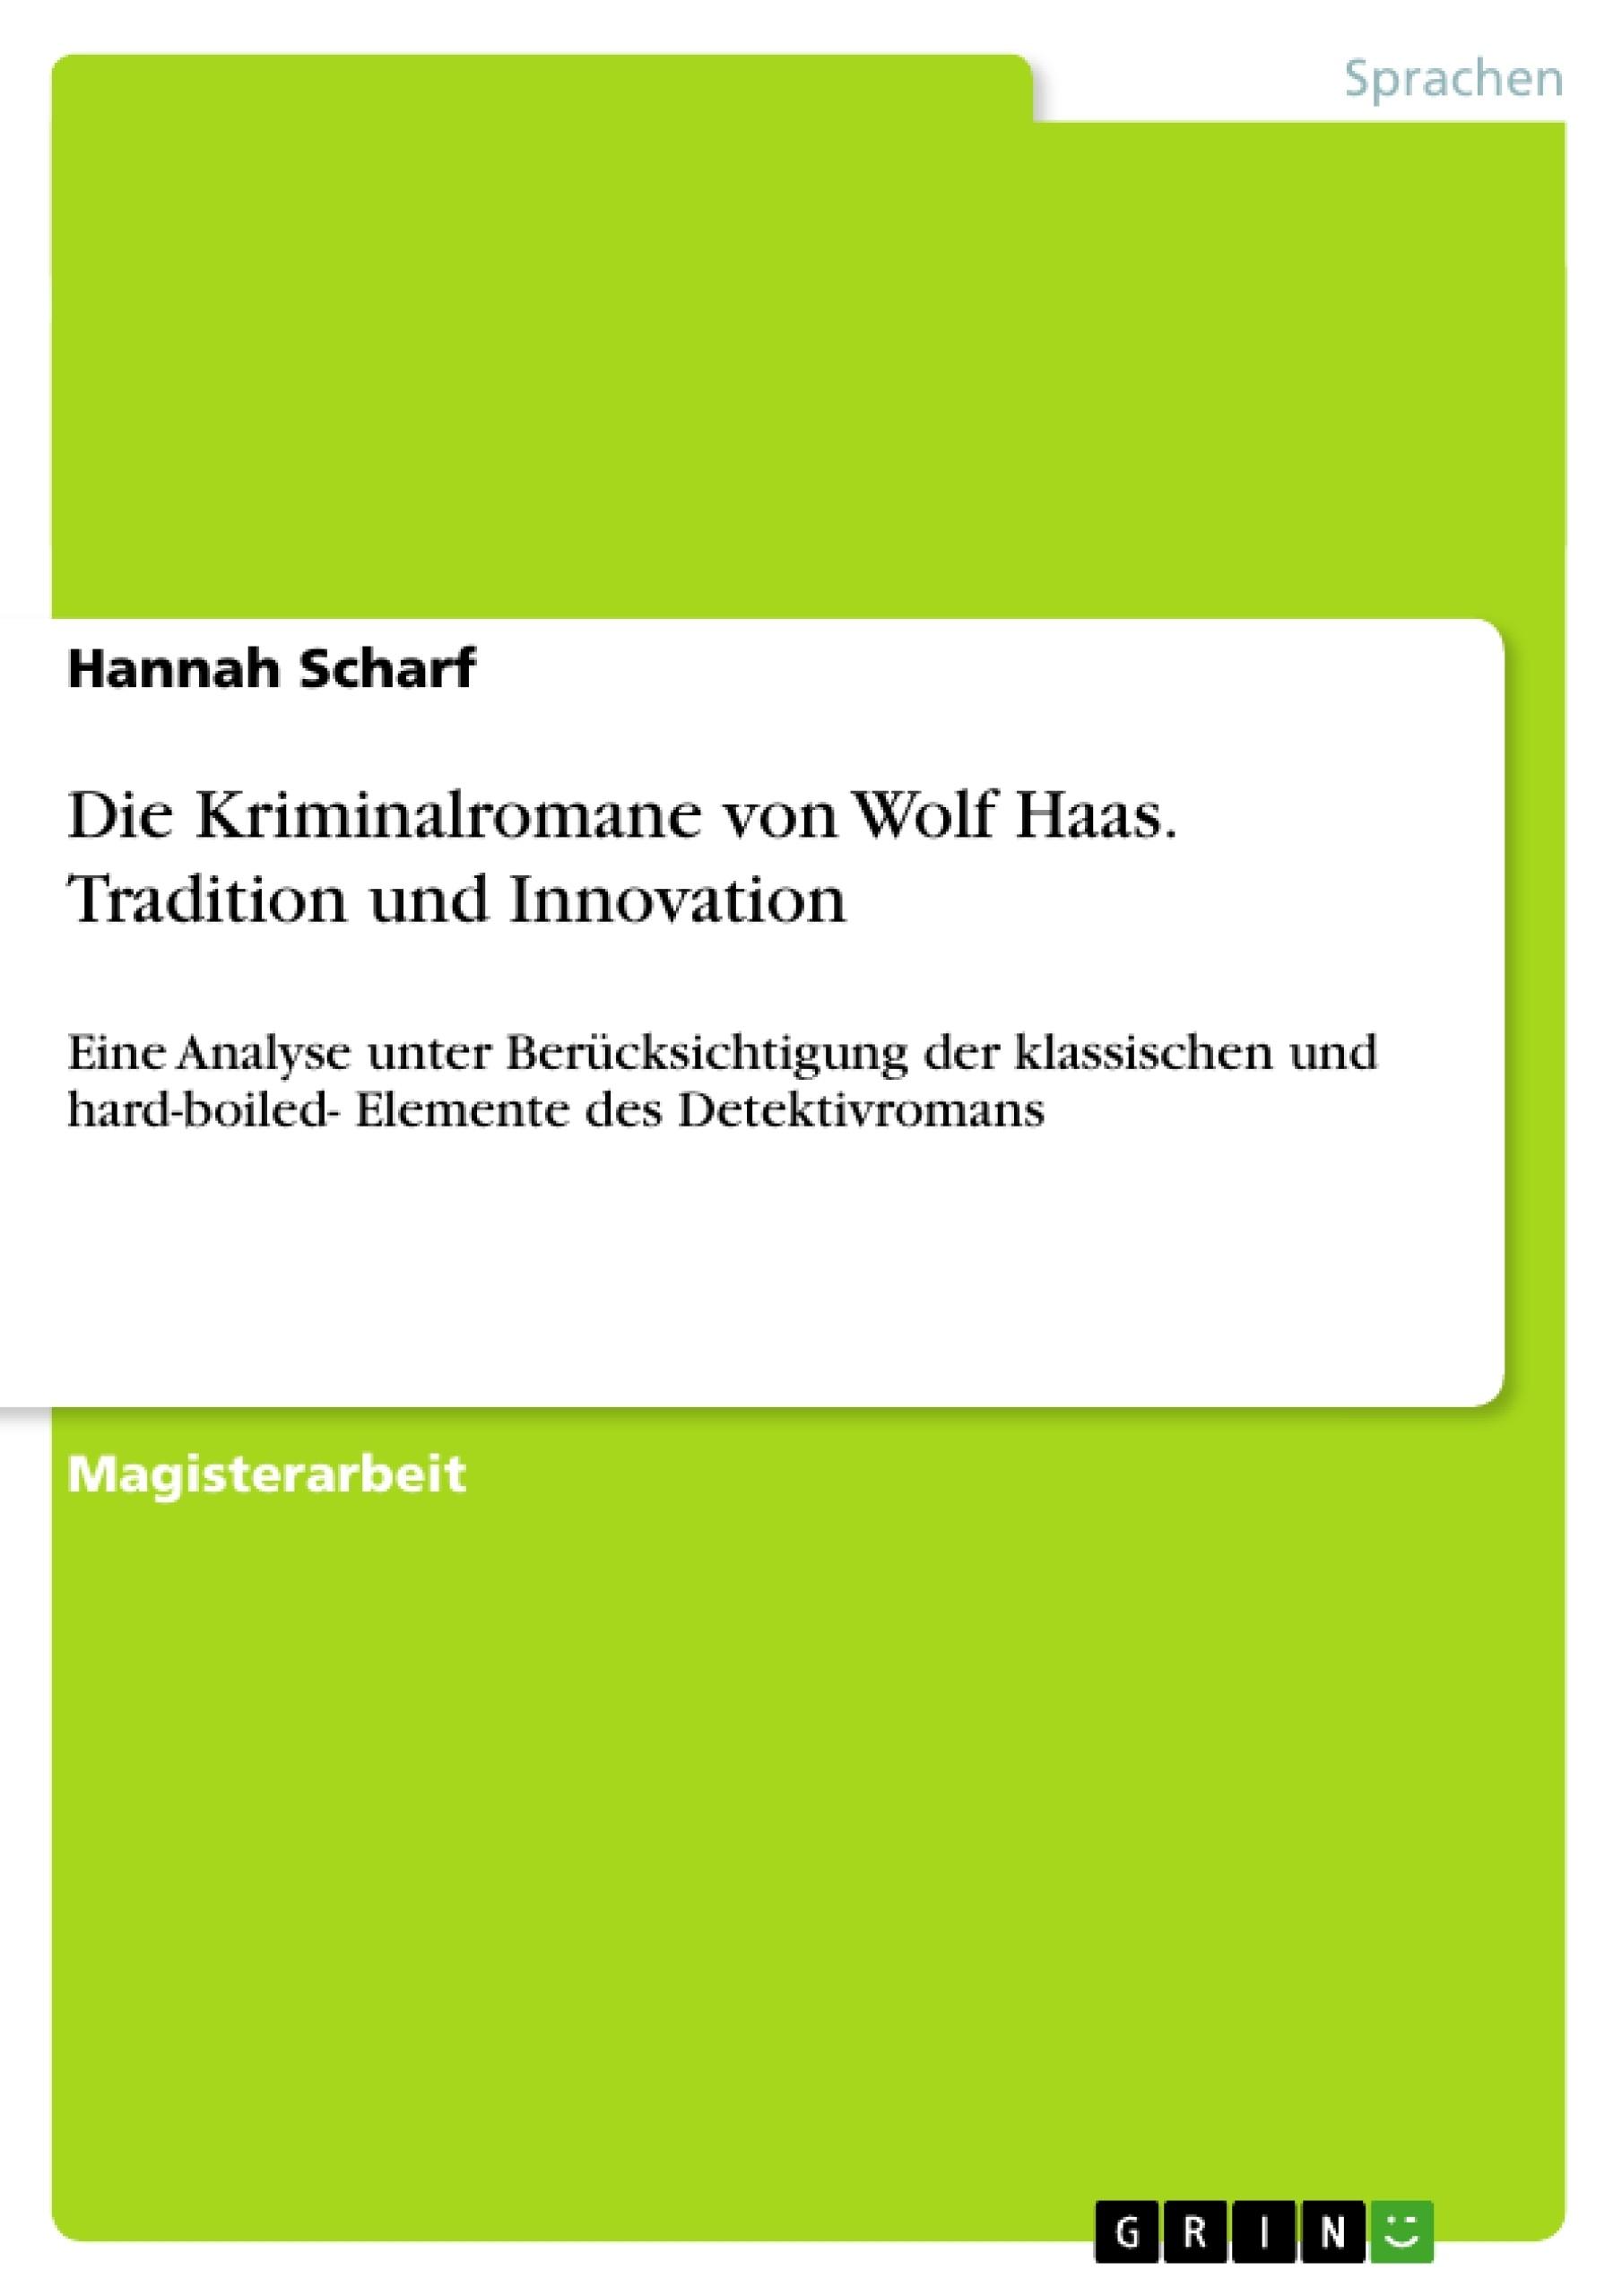 Titel: Die Kriminalromane von Wolf Haas. Tradition und Innovation